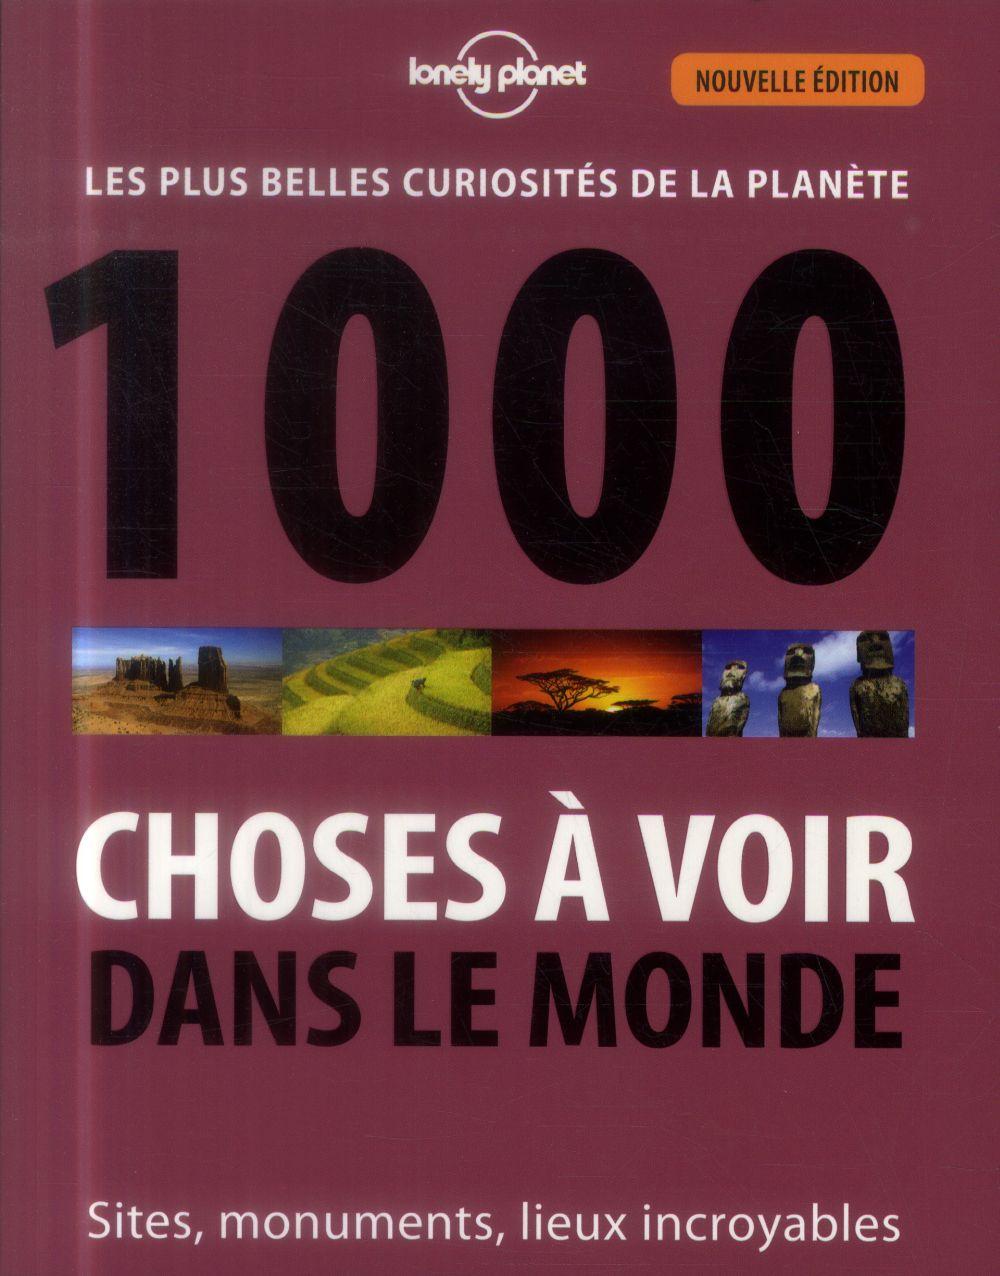 1000 choses à voir dans le monde (2e édition)